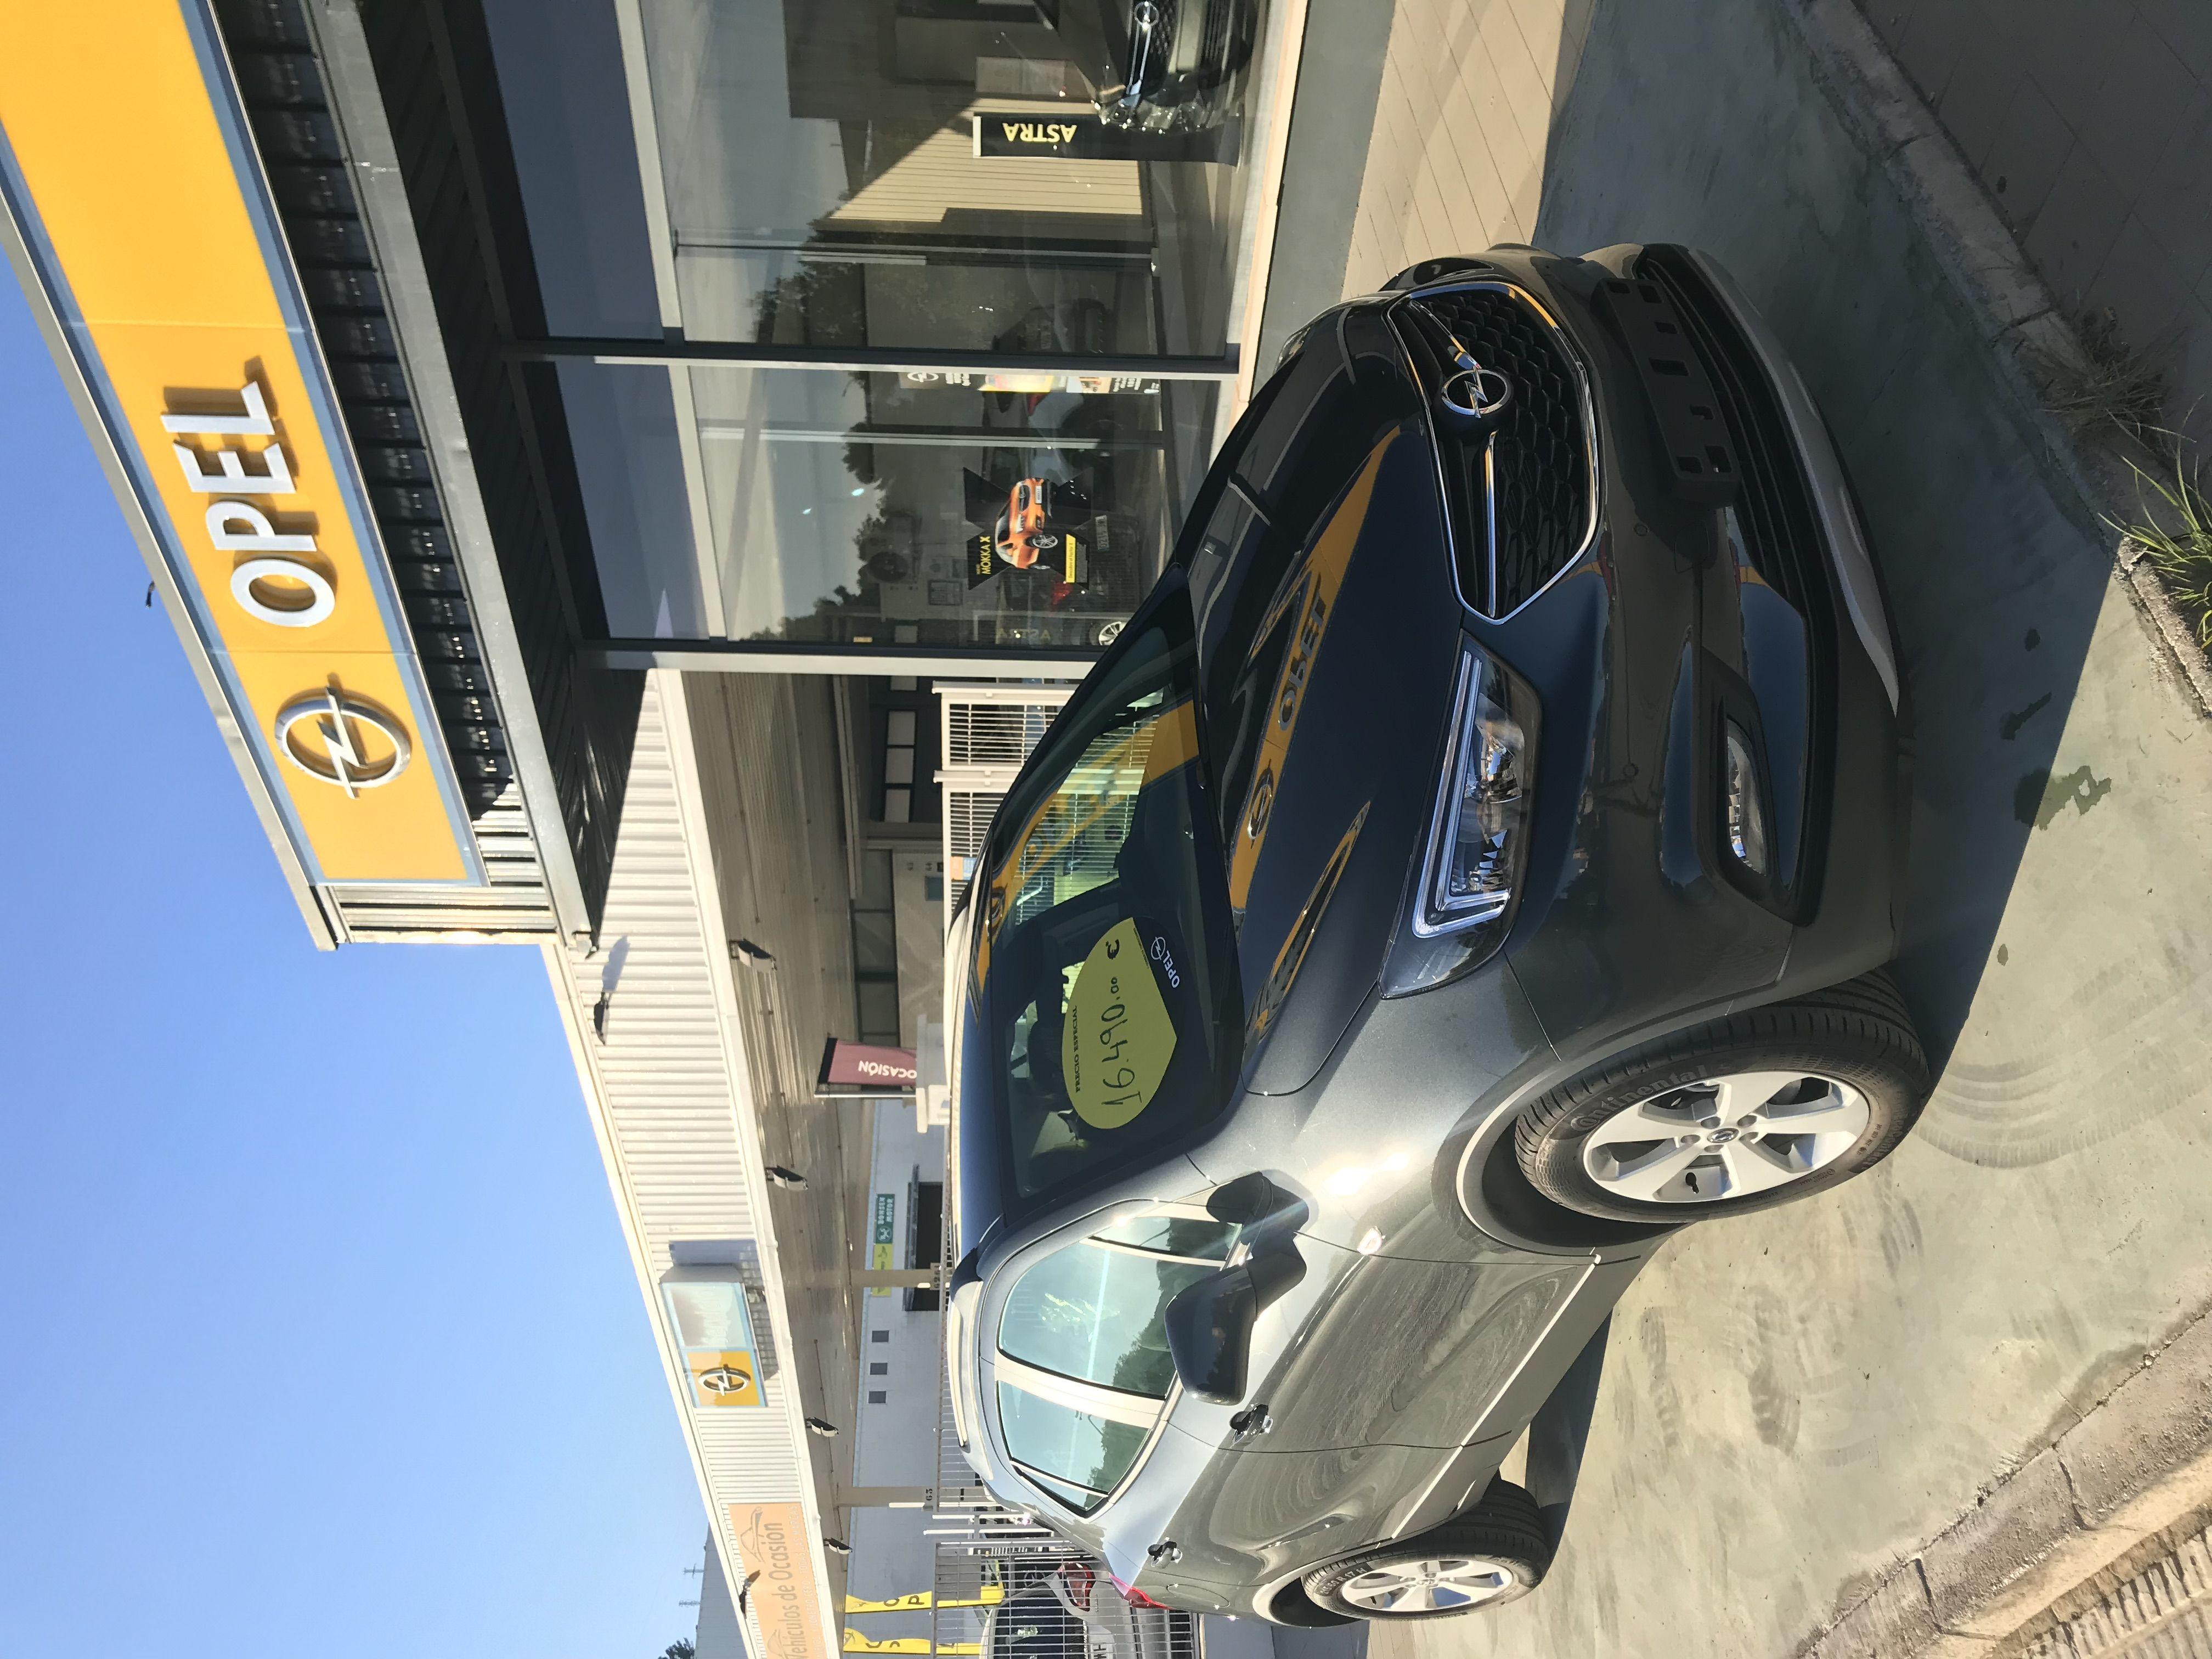 Opel Mokka X 1.4T por 16.490€ ¡Corre que vuela!